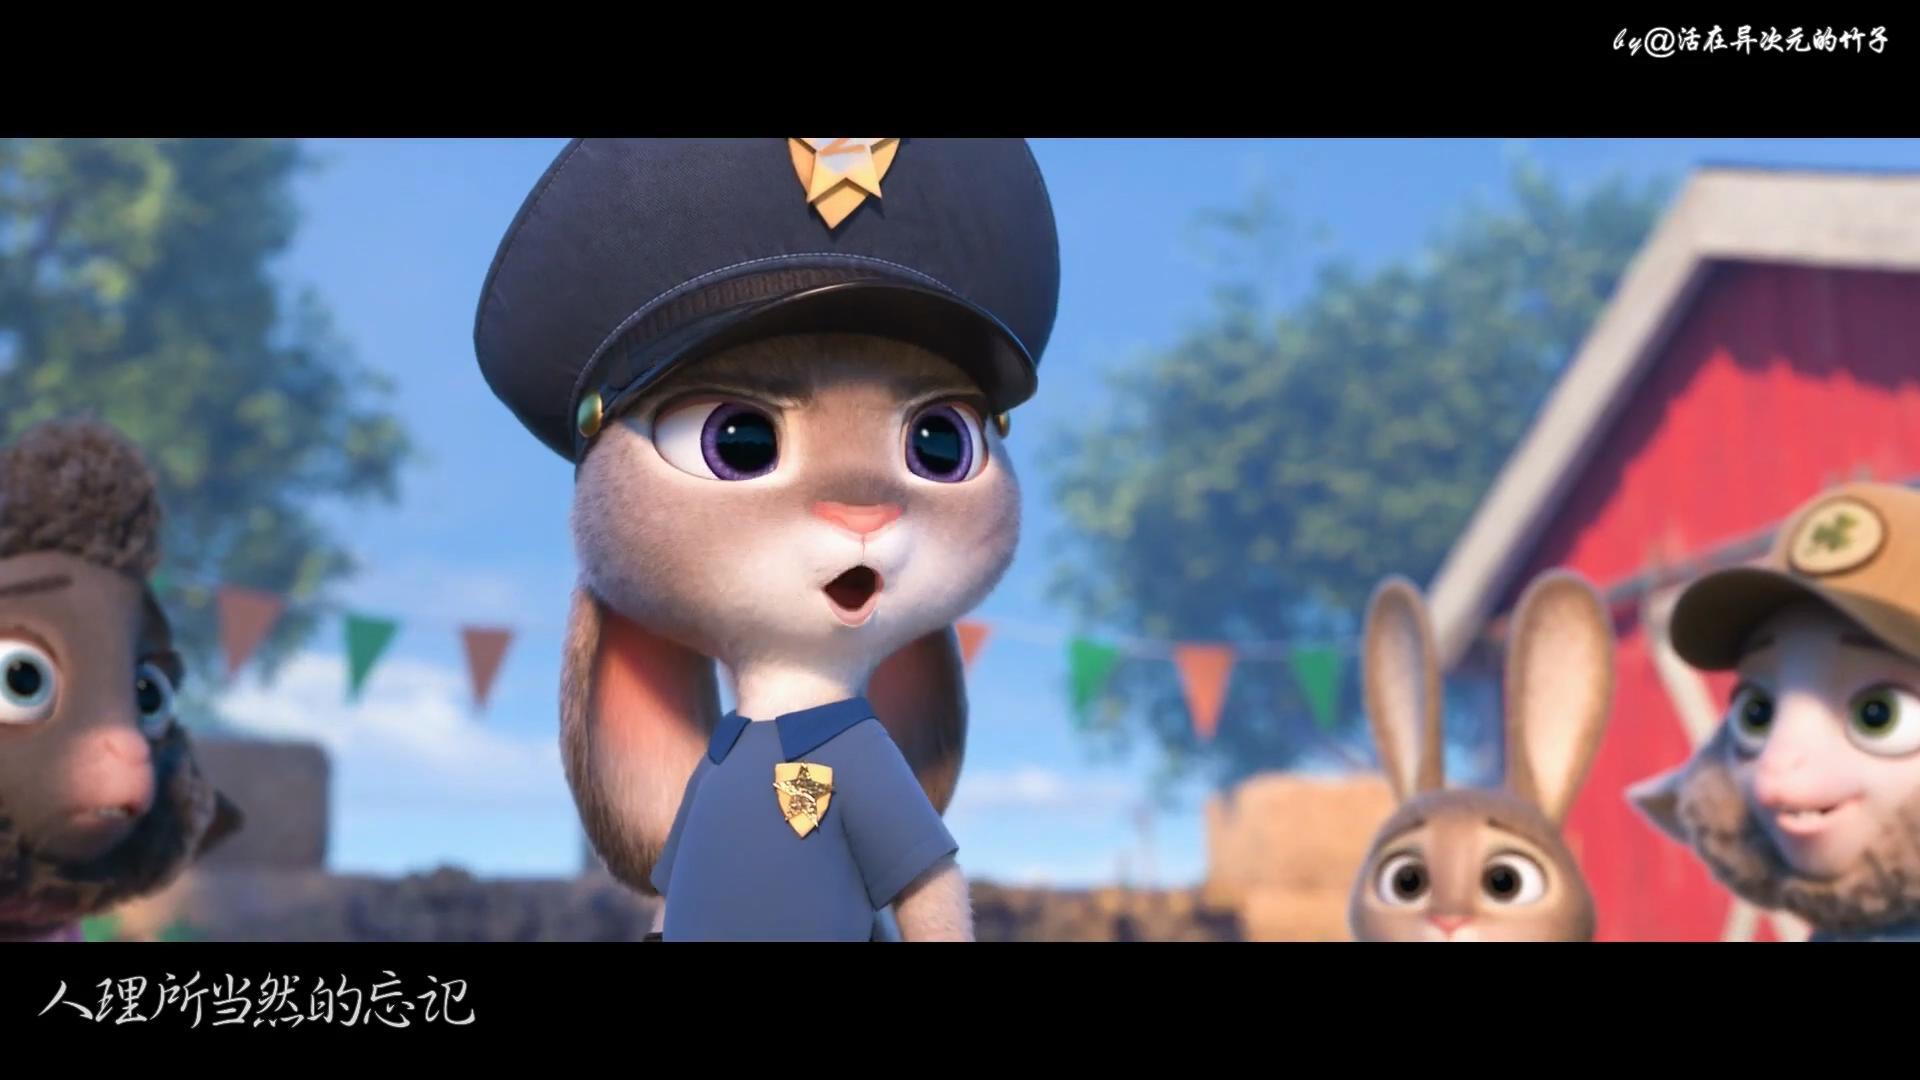 我从@秒拍 分享了一个视频-《疯狂动物城》配上《小幸运》,全程高甜!